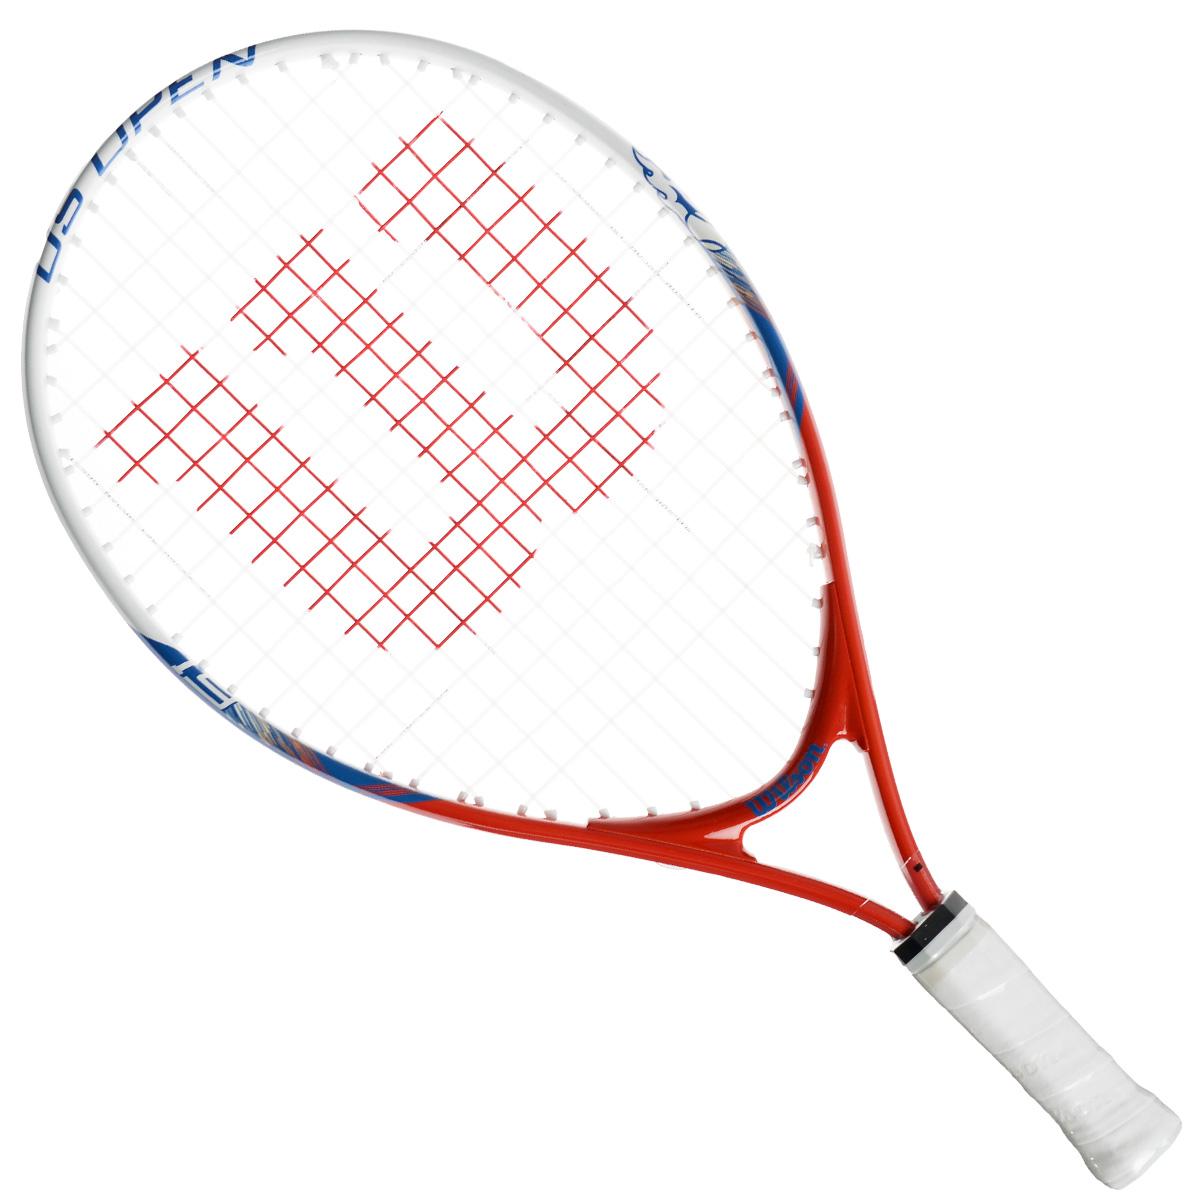 Ракетка детская Wilson US Open 19WRT21000UДетская теннисная ракетка Wilson US Open 19 отлично подойдет для начинающих спортсменов возрастом 2-4 года. Титановый сплав обеспечивает изделию дополнительную прочность. Ракетка имеет небольшой вес для более удобного замаха.